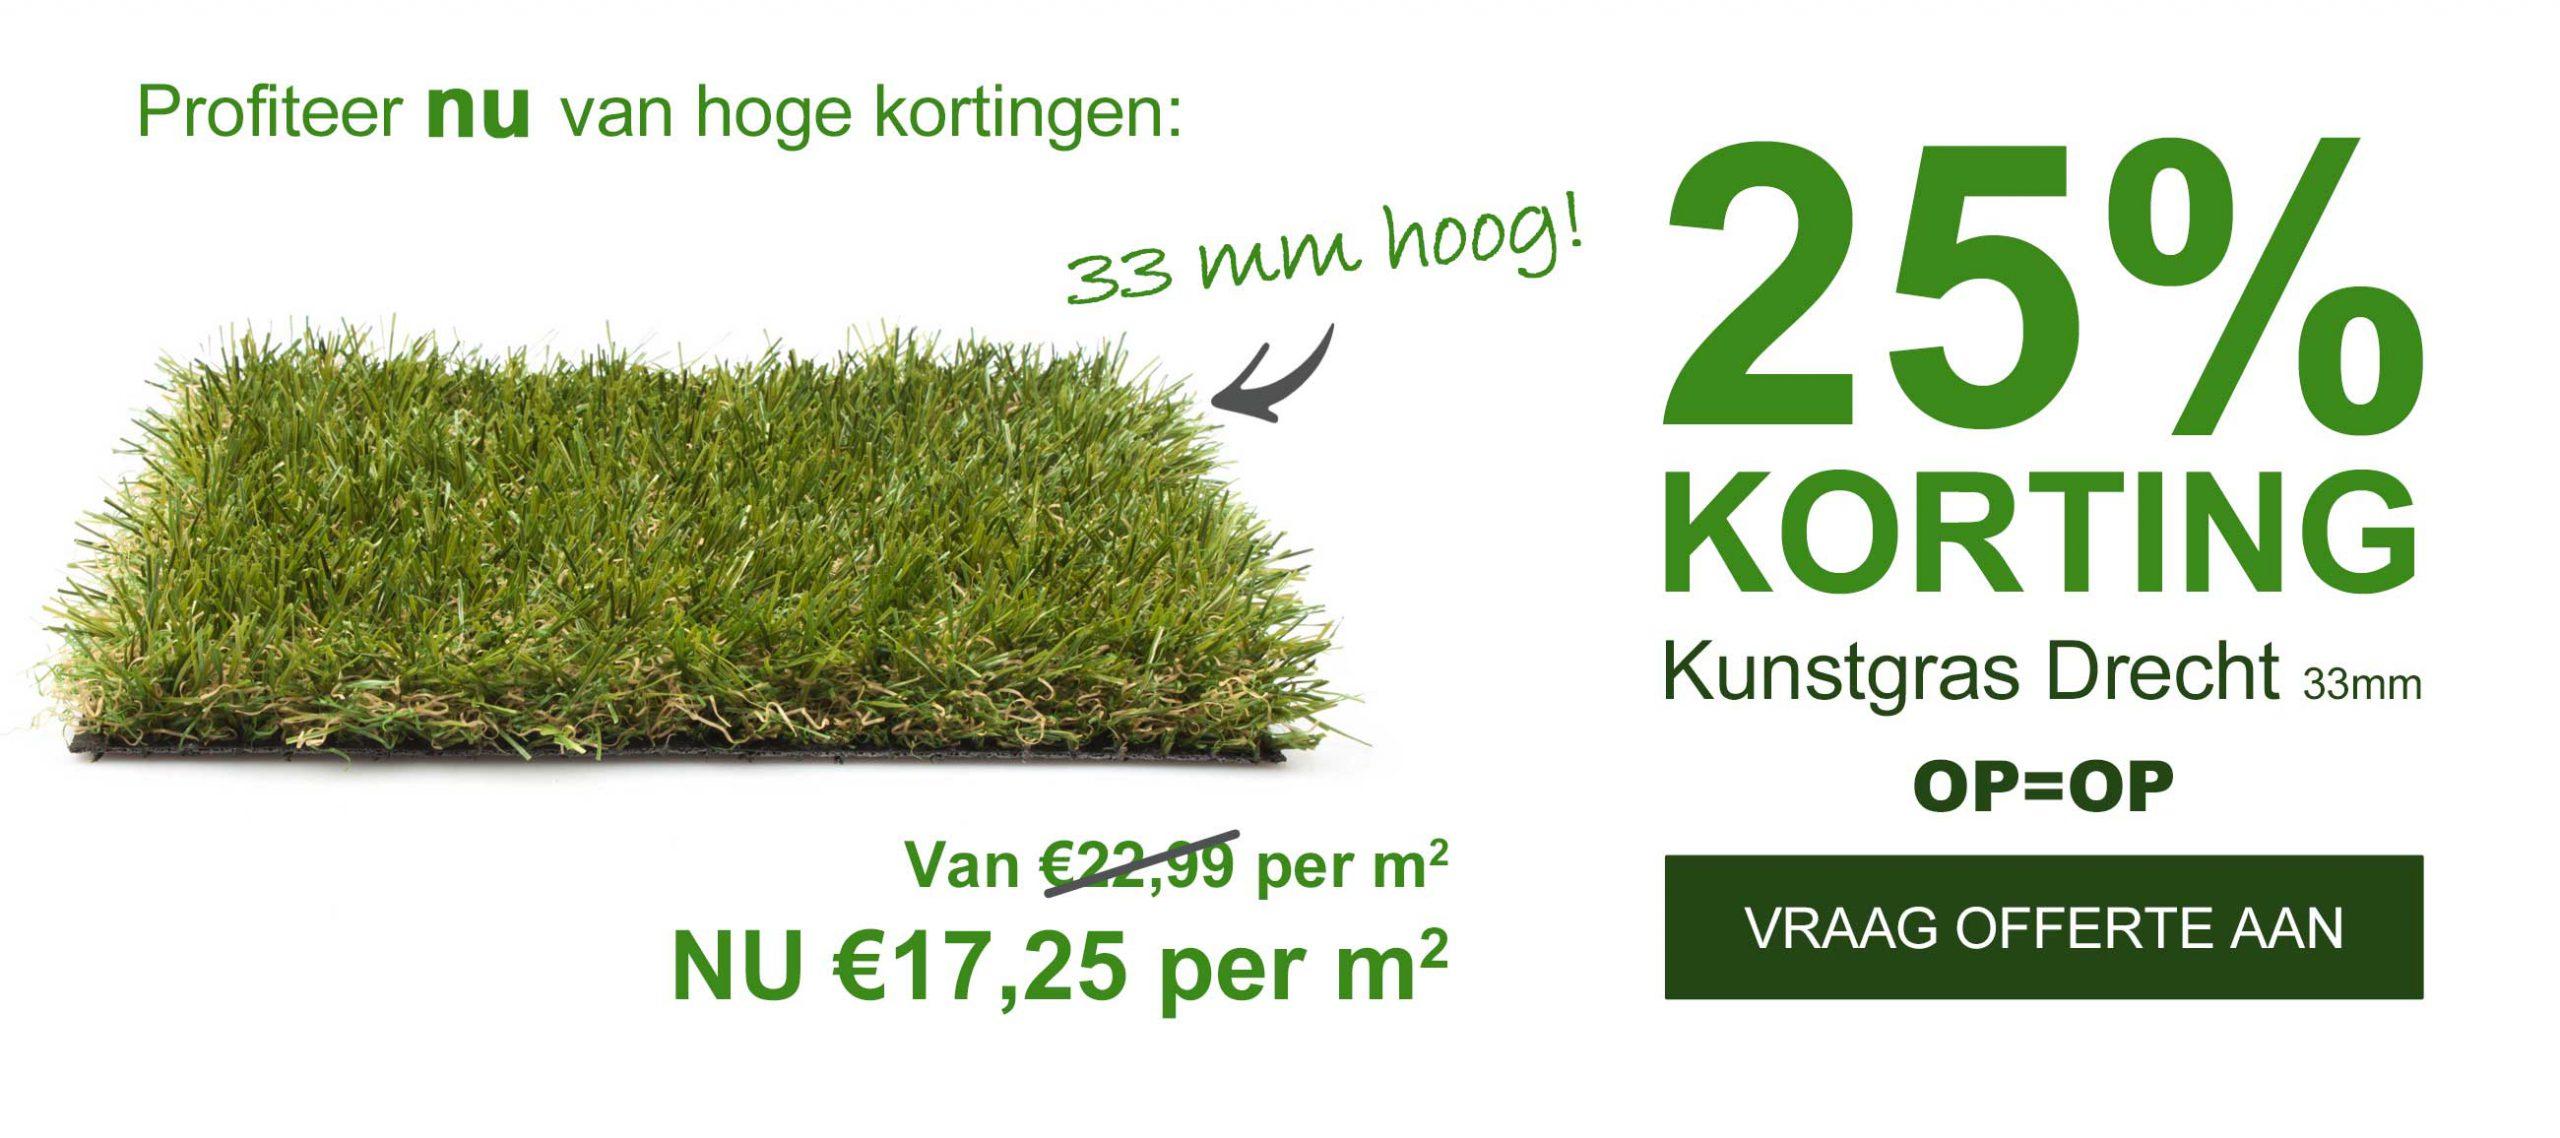 Opruiming!! 25% Korting Op Kunstgras Drecht 33mm